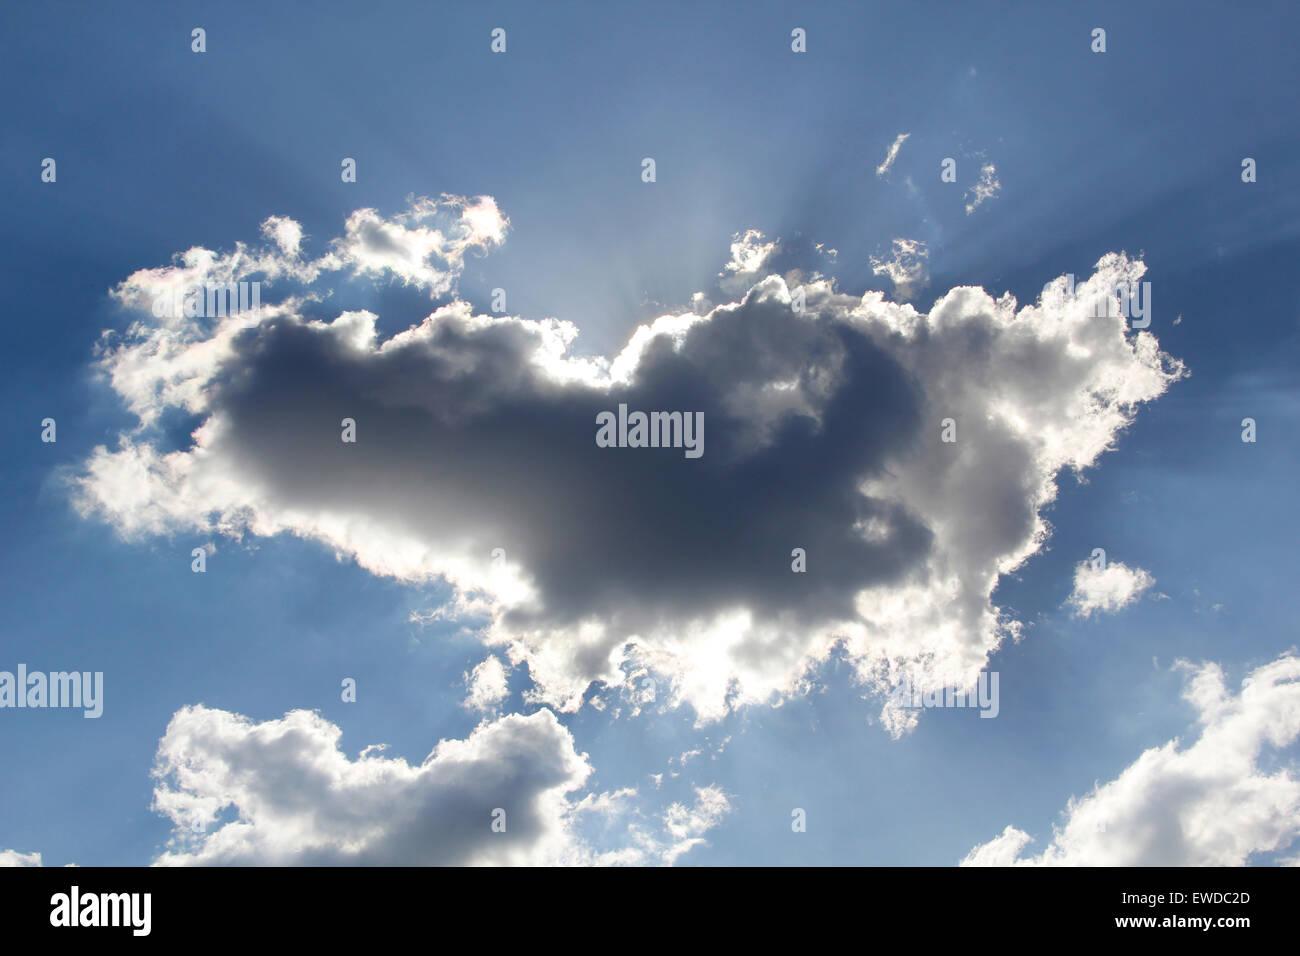 Las nubes bloquean el sol en el cielo Imagen De Stock